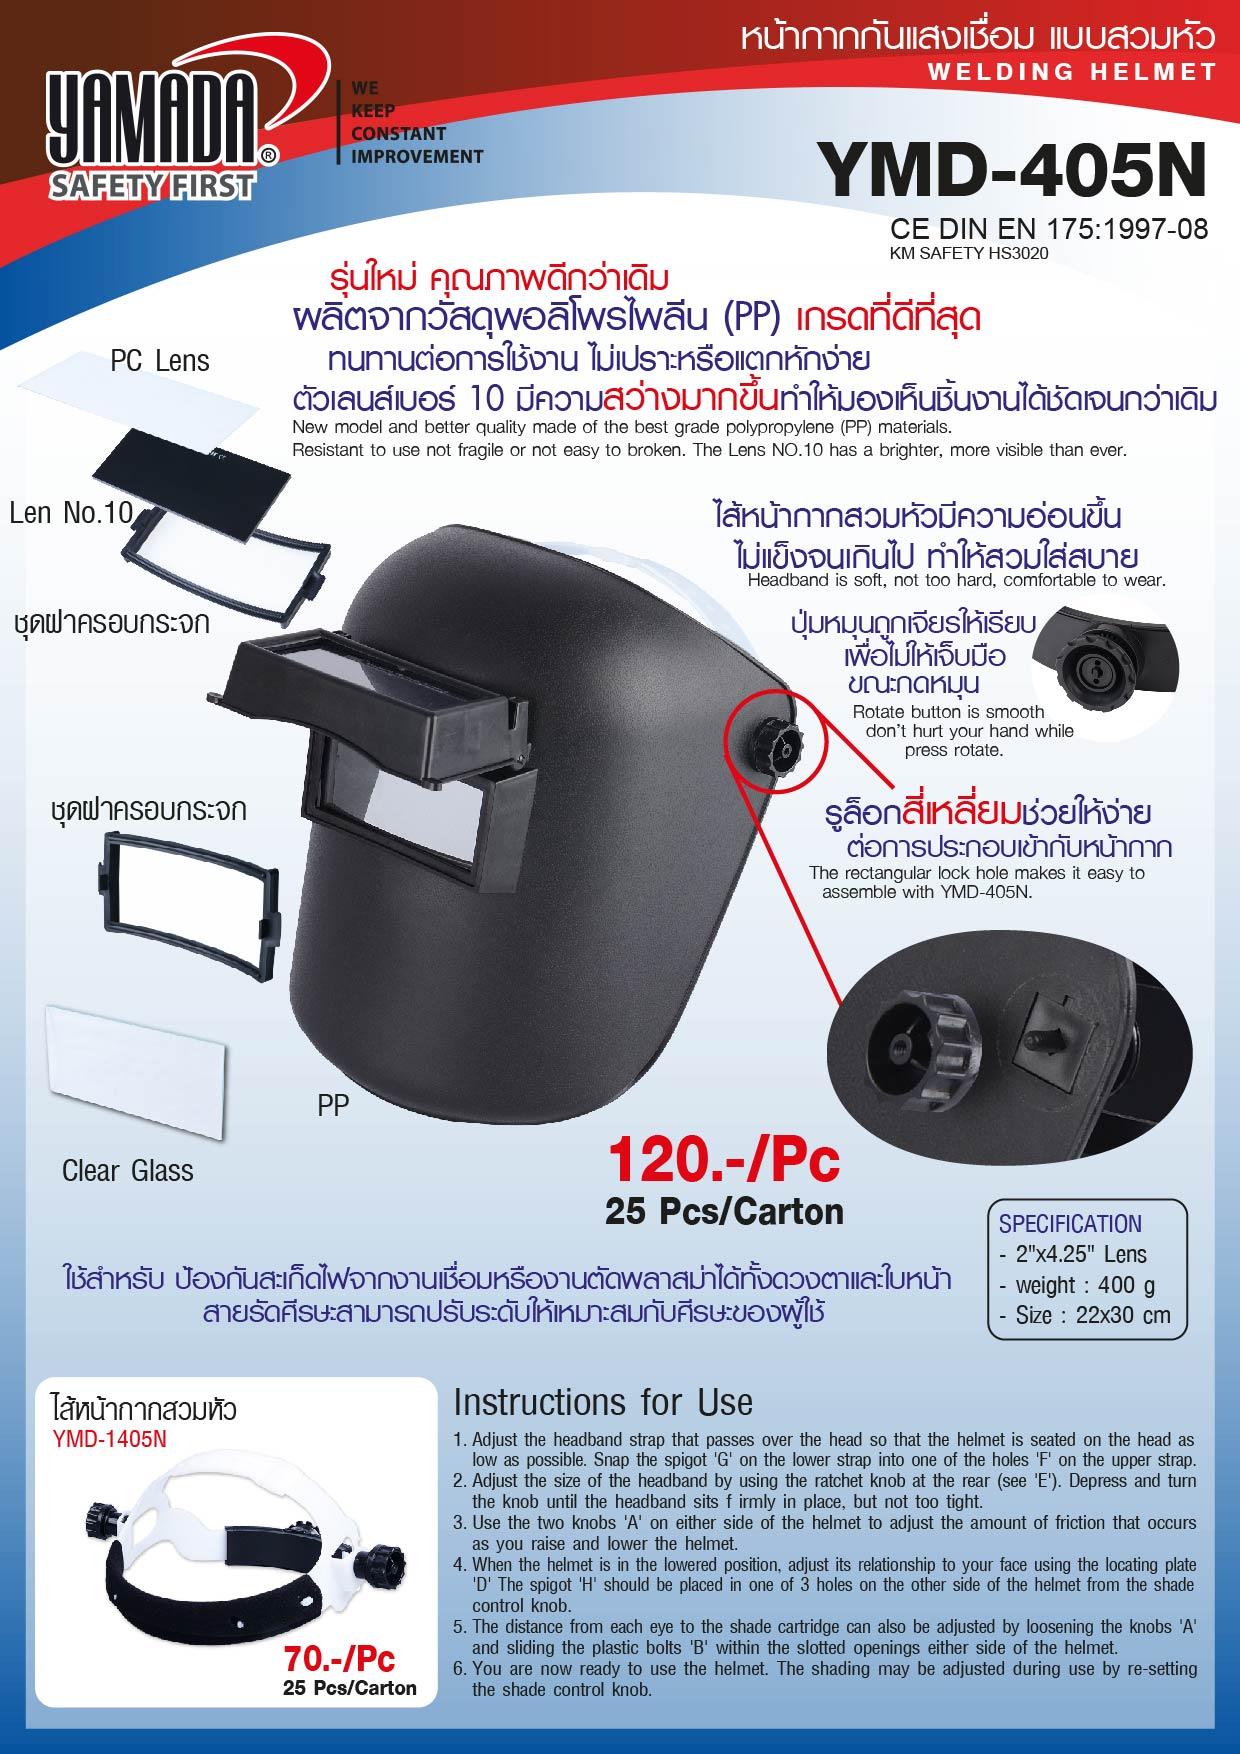 (165/268) หน้ากากกันแสงเชื่อม แบบสวมหัว - Welding Helmet YMD405N